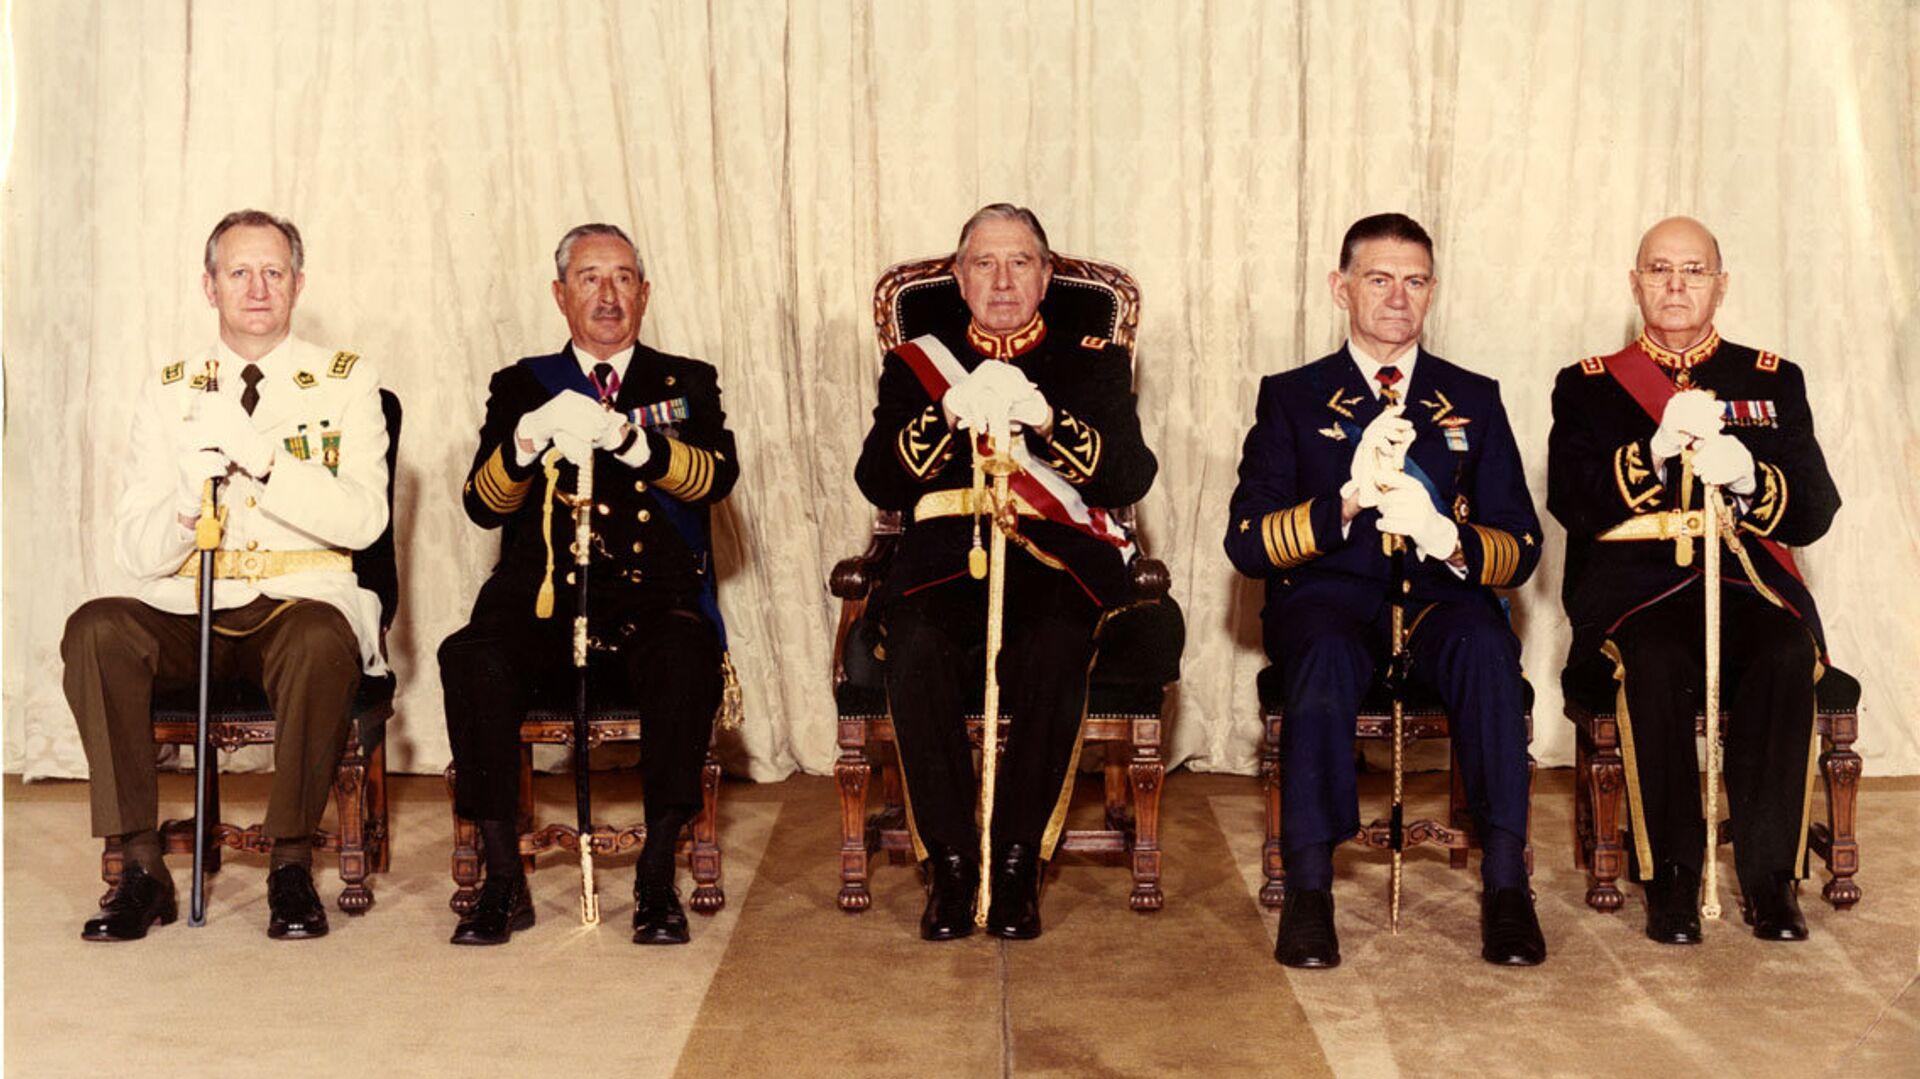 Fernando Matthei (cuarto de izquierda a derecha) con los otros miembros de la Junta de Gobierno (archivo) - Sputnik Mundo, 1920, 13.08.2021